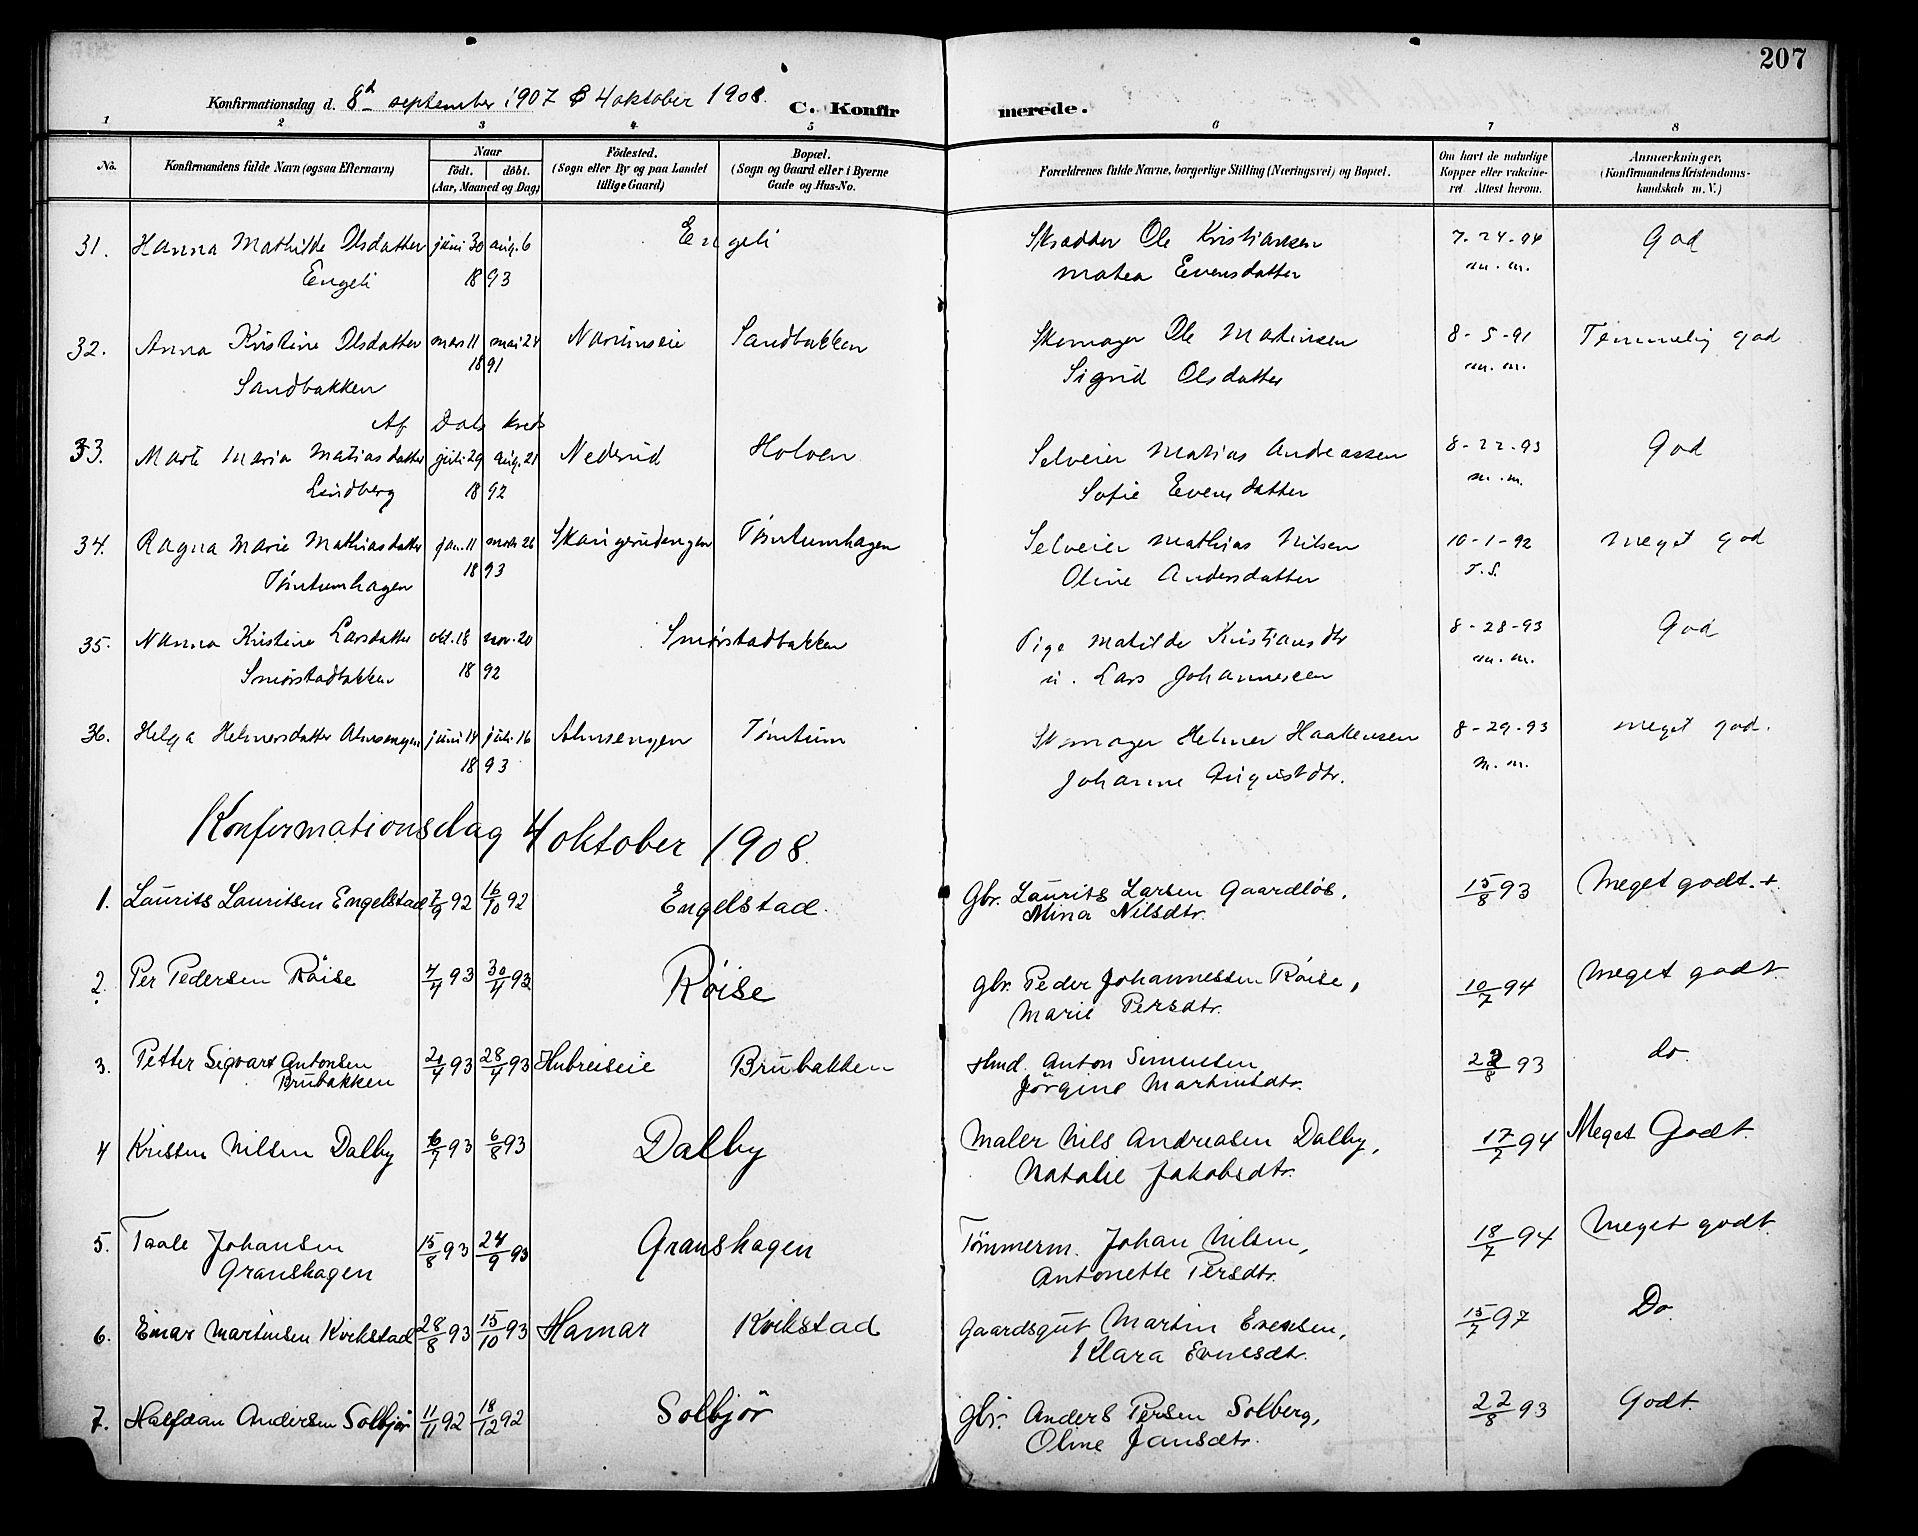 SAH, Vestre Toten prestekontor, Ministerialbok nr. 13, 1895-1911, s. 207